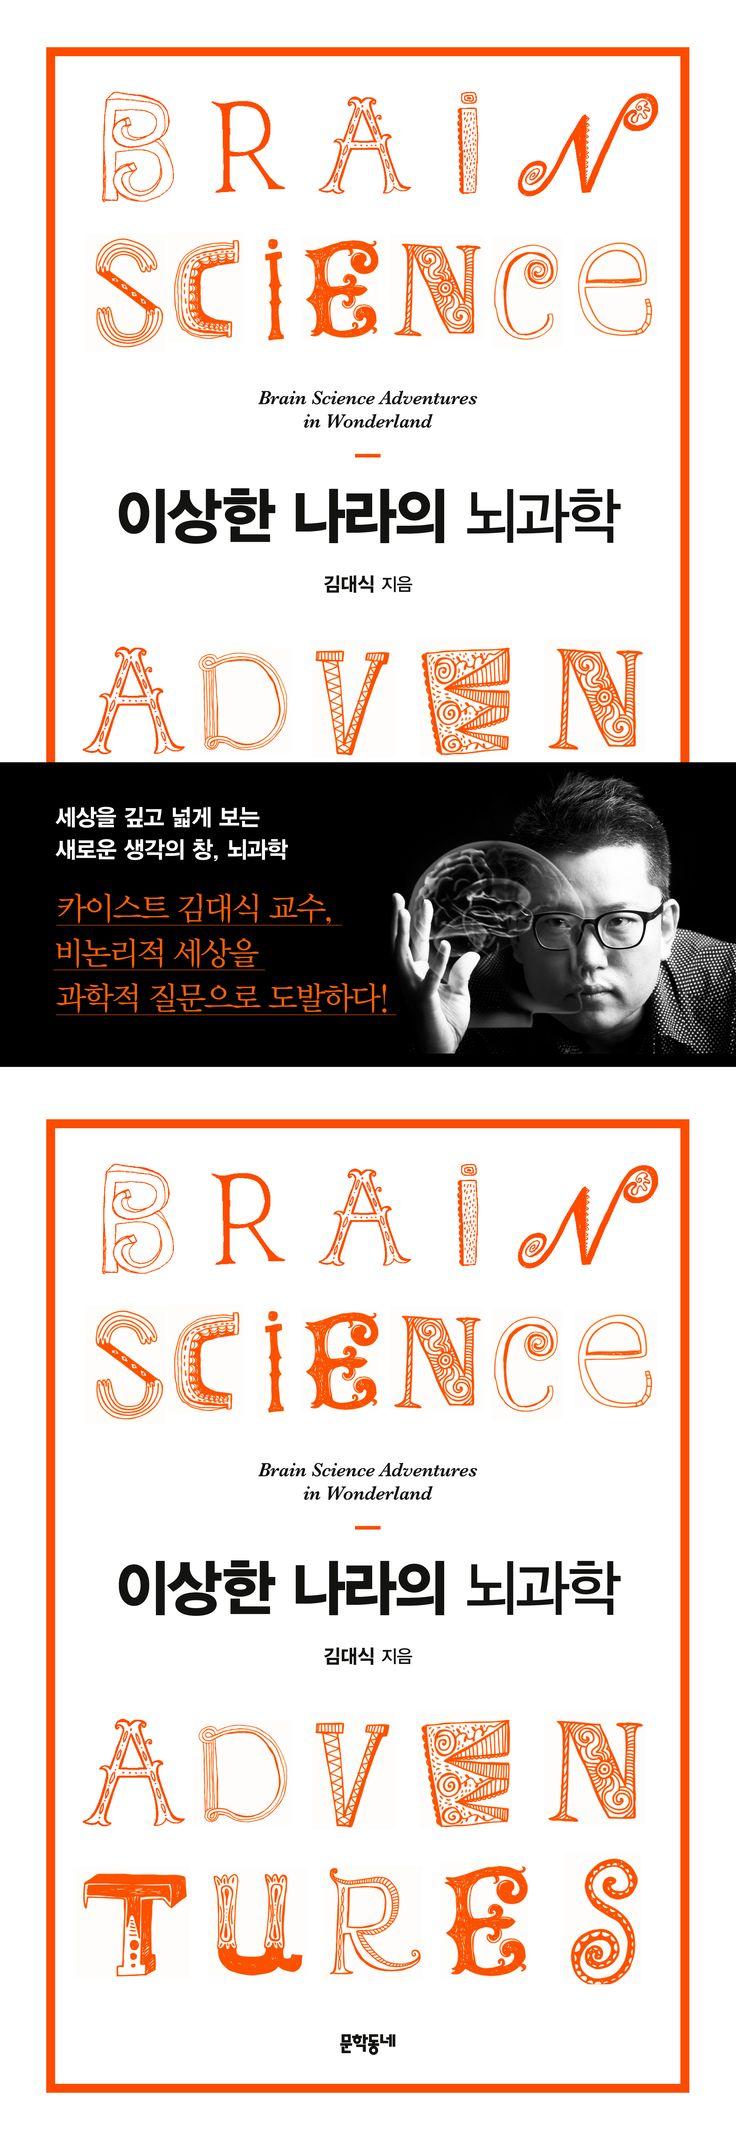 이상한 나라의 뇌과학 / 김대식  book design, cover design